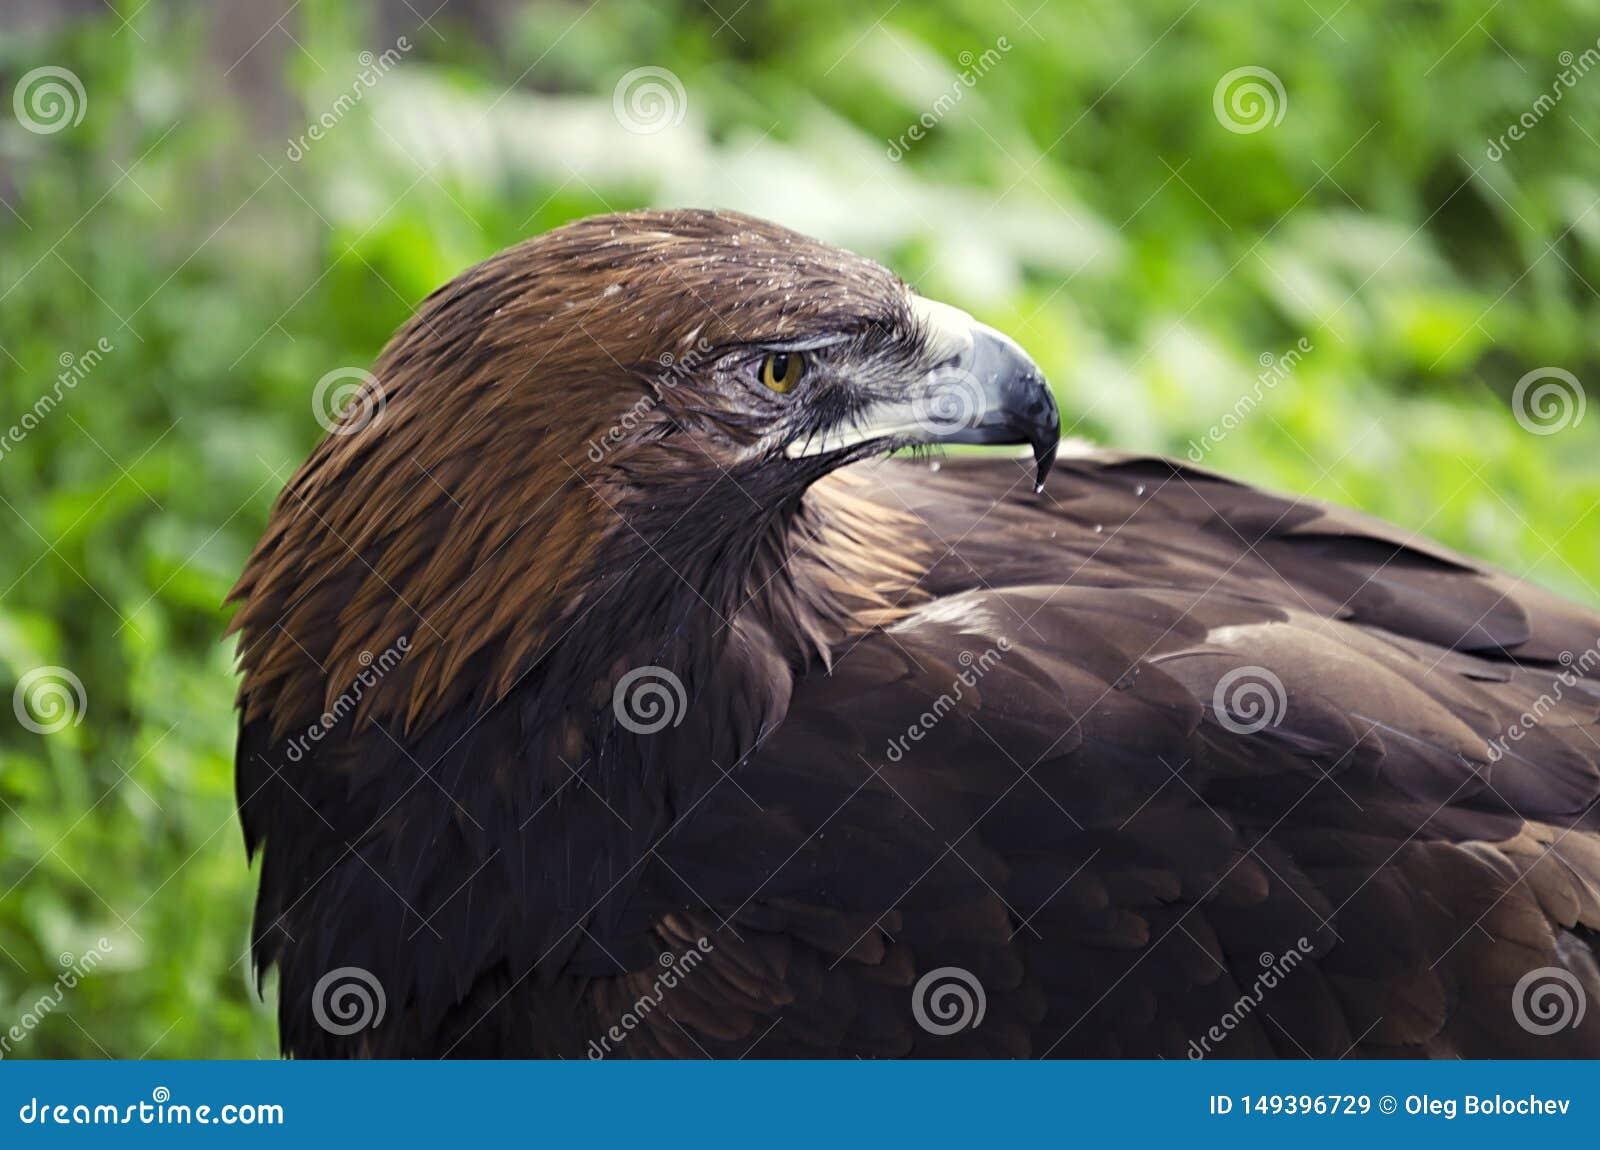 Widok orzeł, ptak zdobycz na ziemi, ptaki w niewoli, orzeł zamknięty w górę